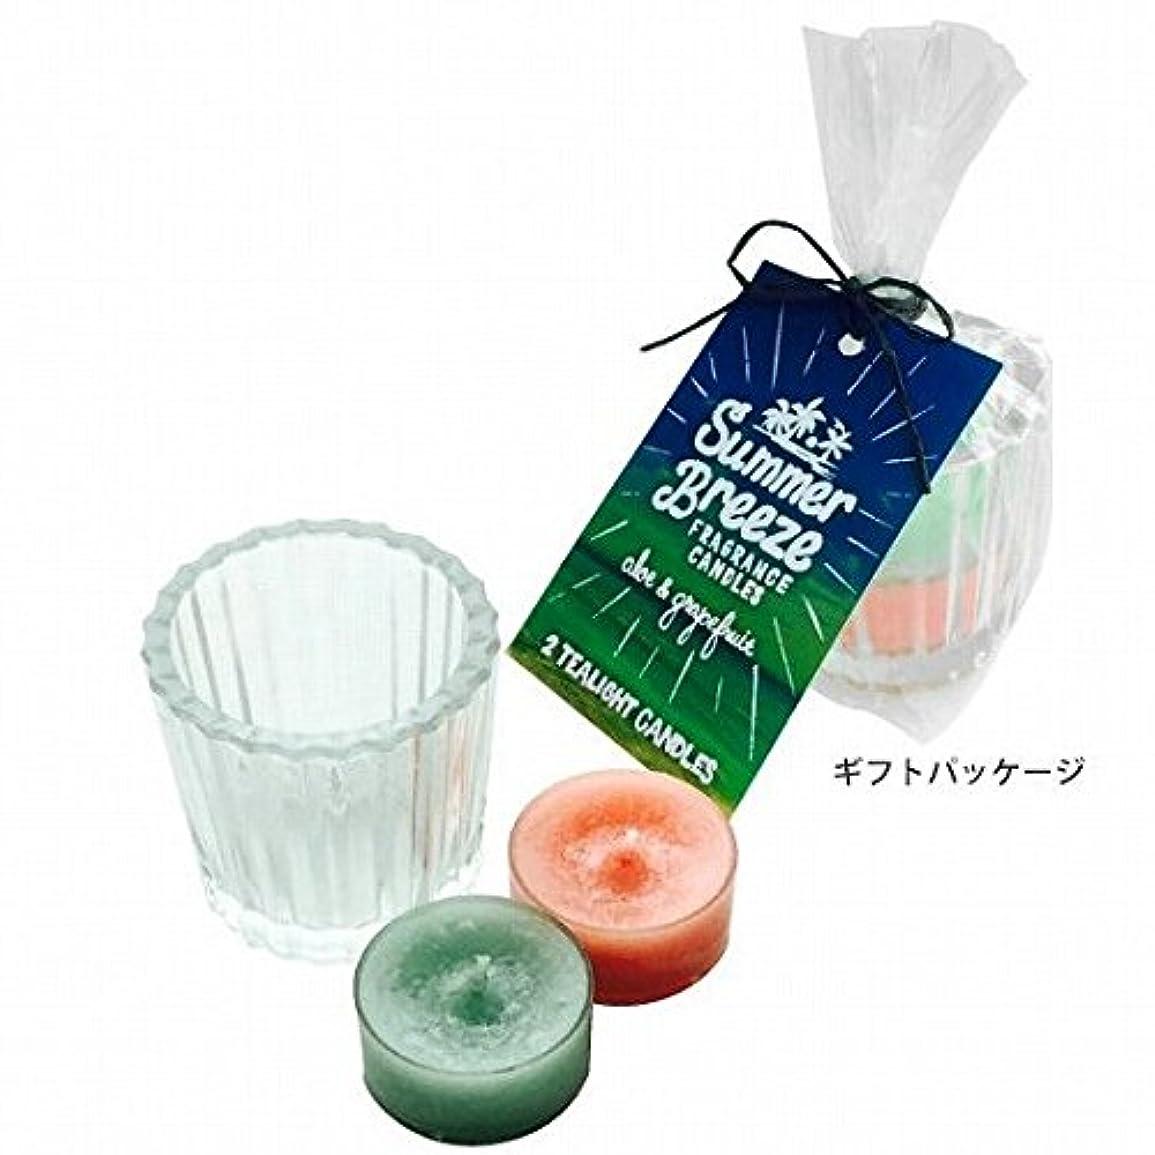 デザイナー石膏葉っぱkameyama candle(カメヤマキャンドル) サマーブリーズティーライトキャンドルセット(K5090001)